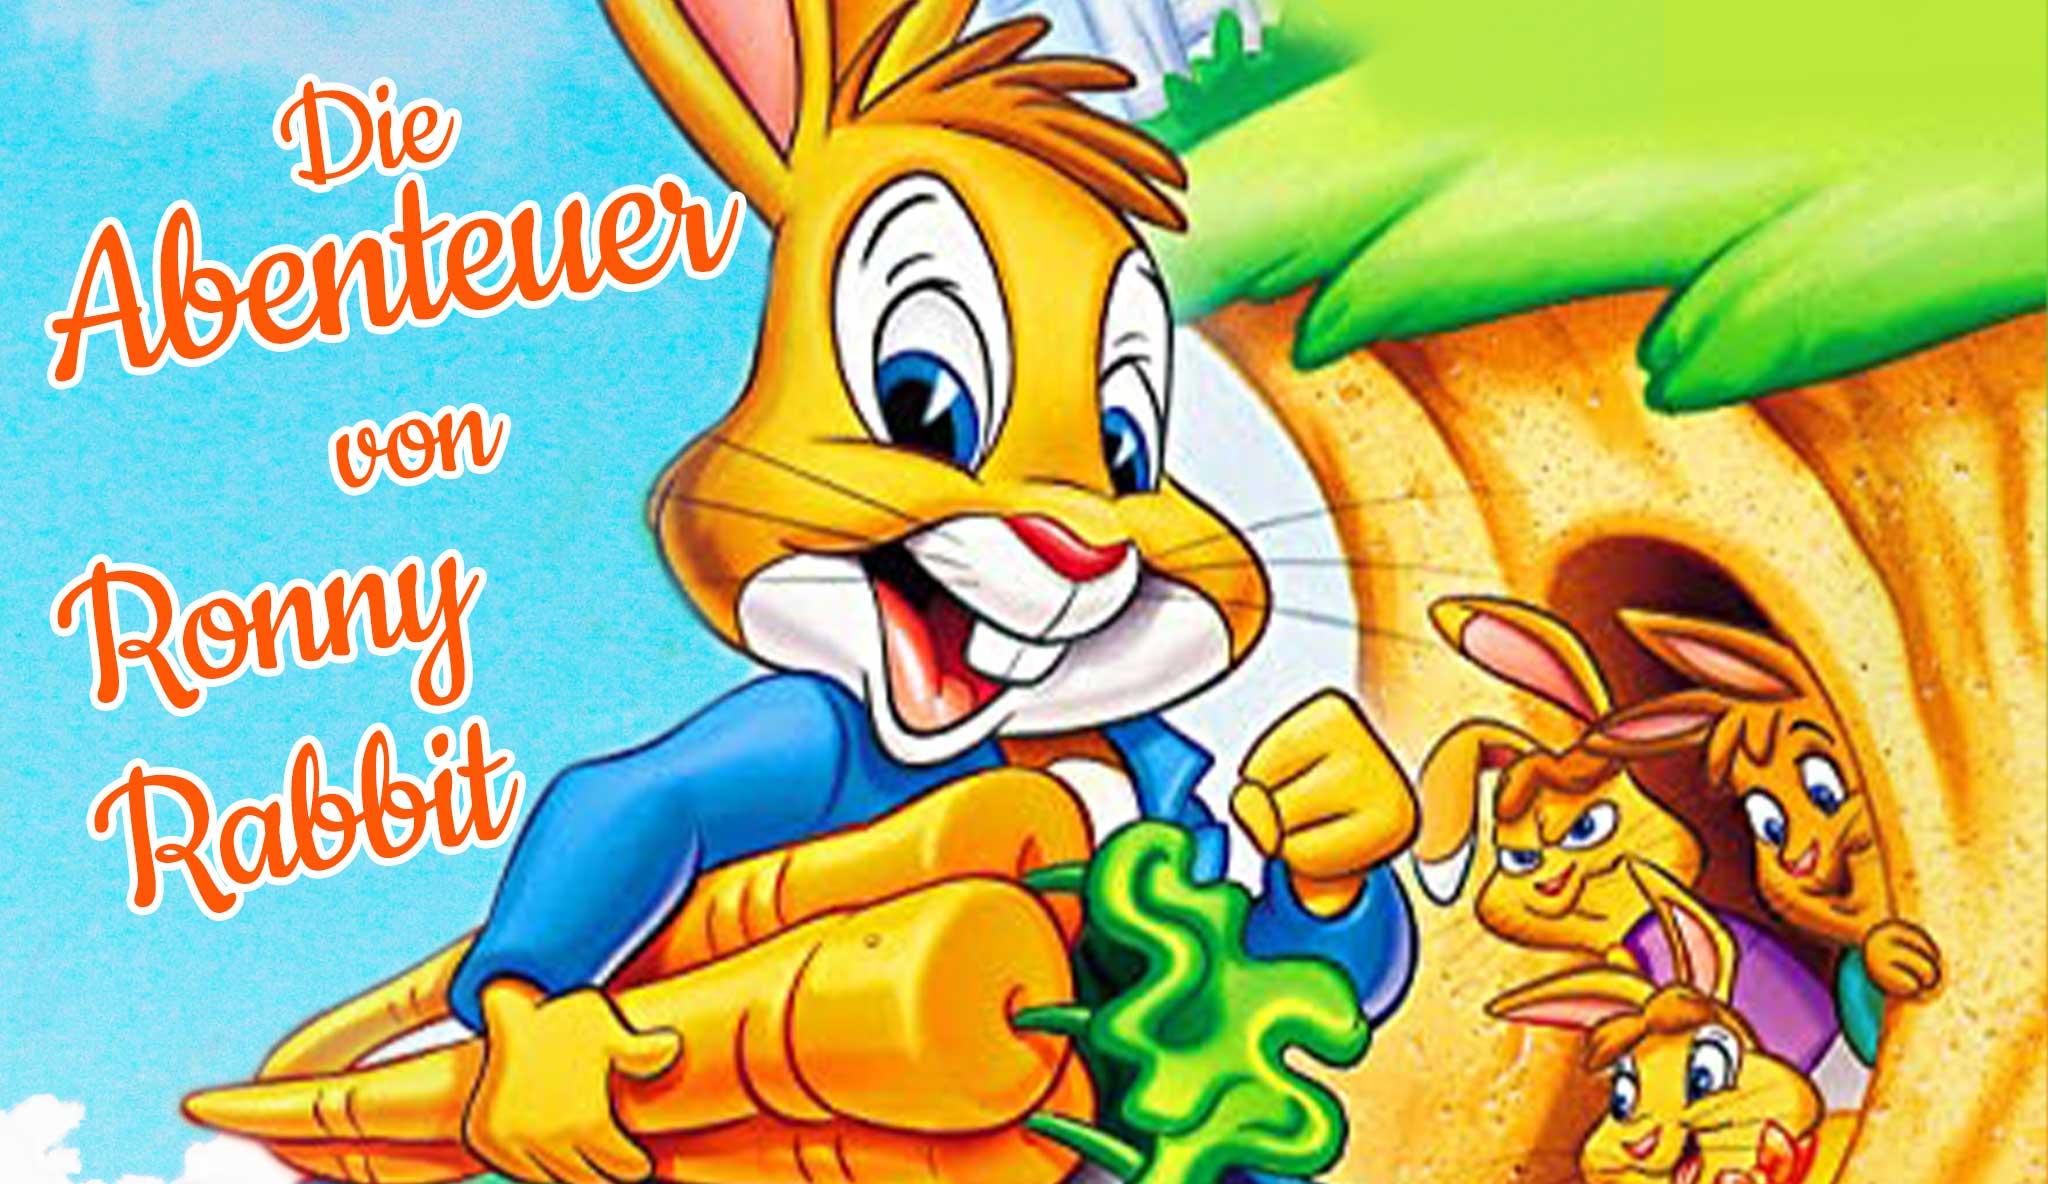 die-abenteuer-von-ronny-rabbit\header.jpg